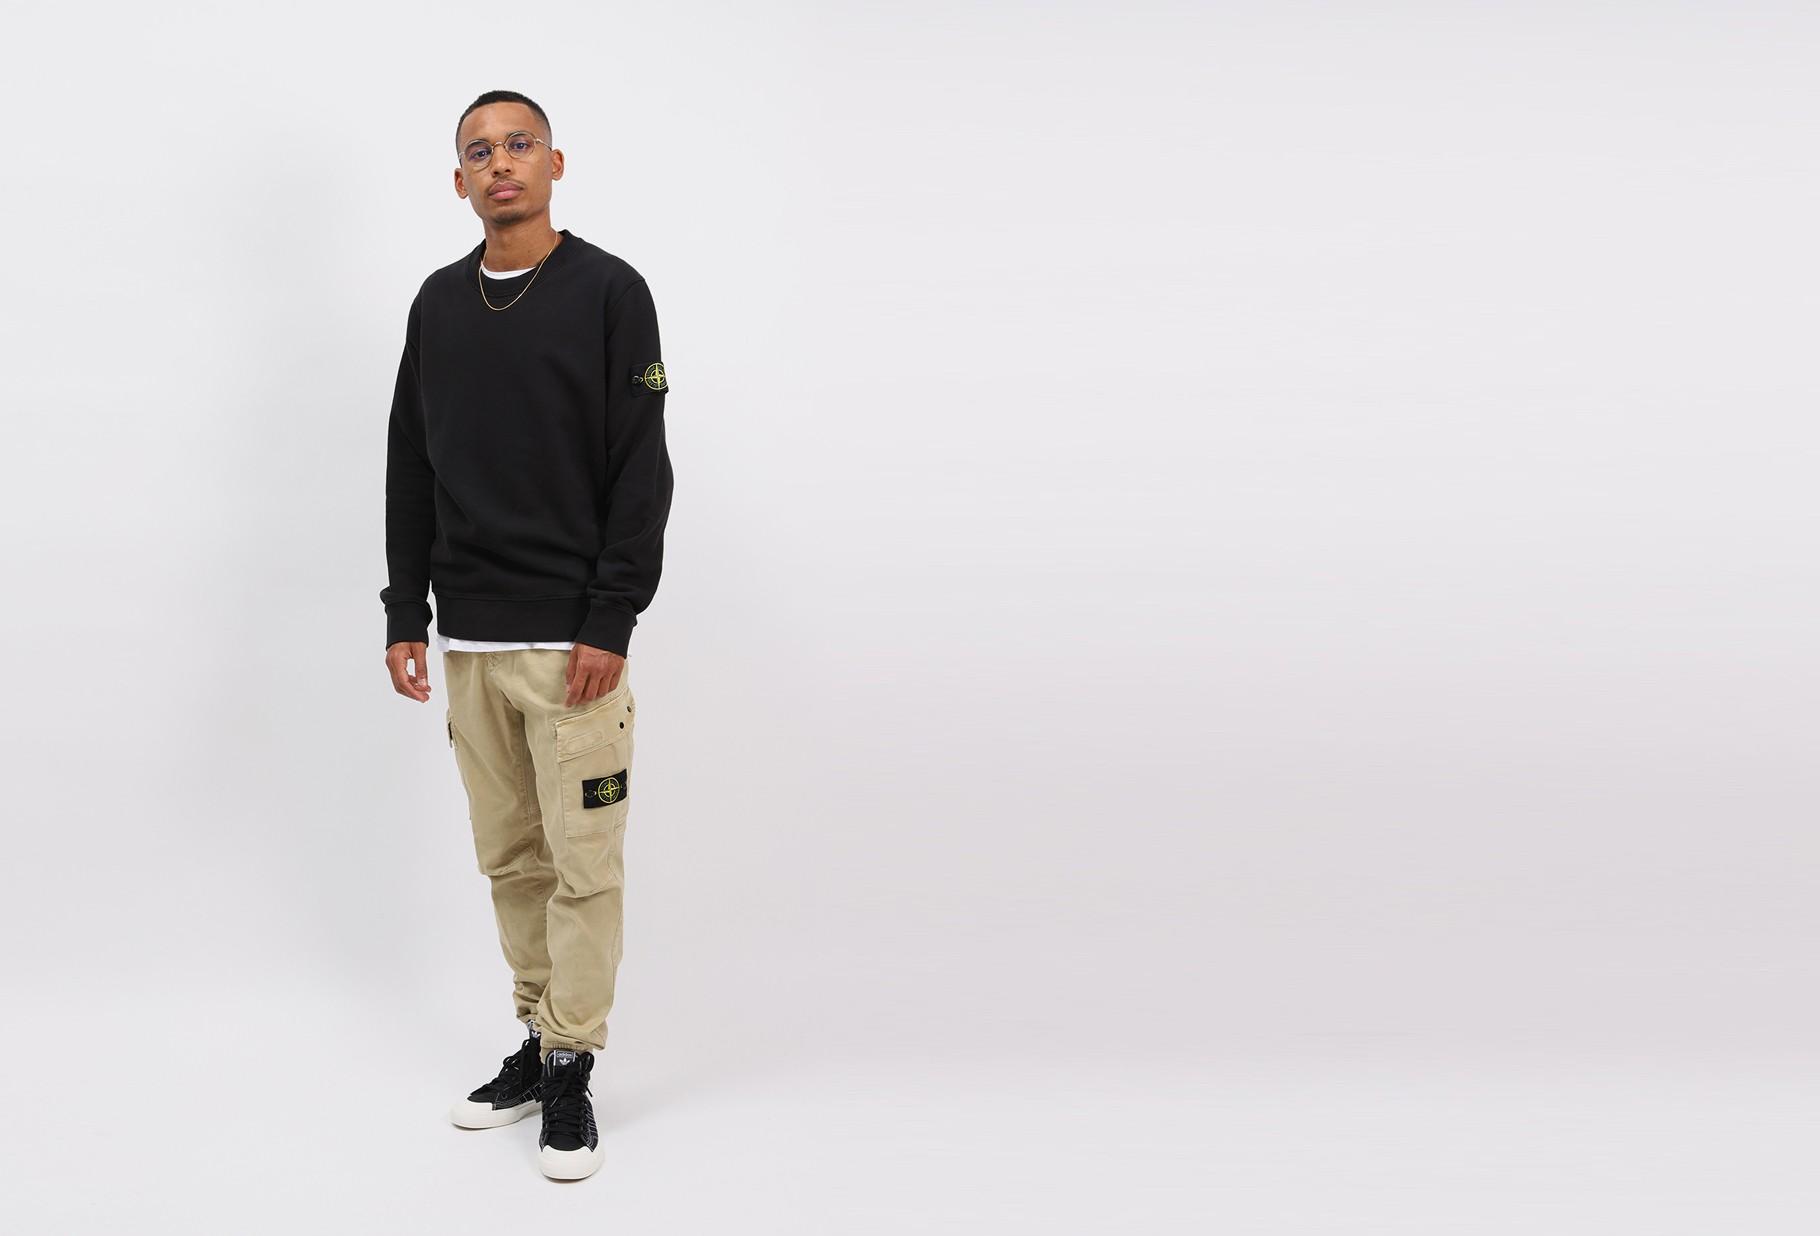 STONE ISLAND / 63020 crewneck sweater v0029 Nero